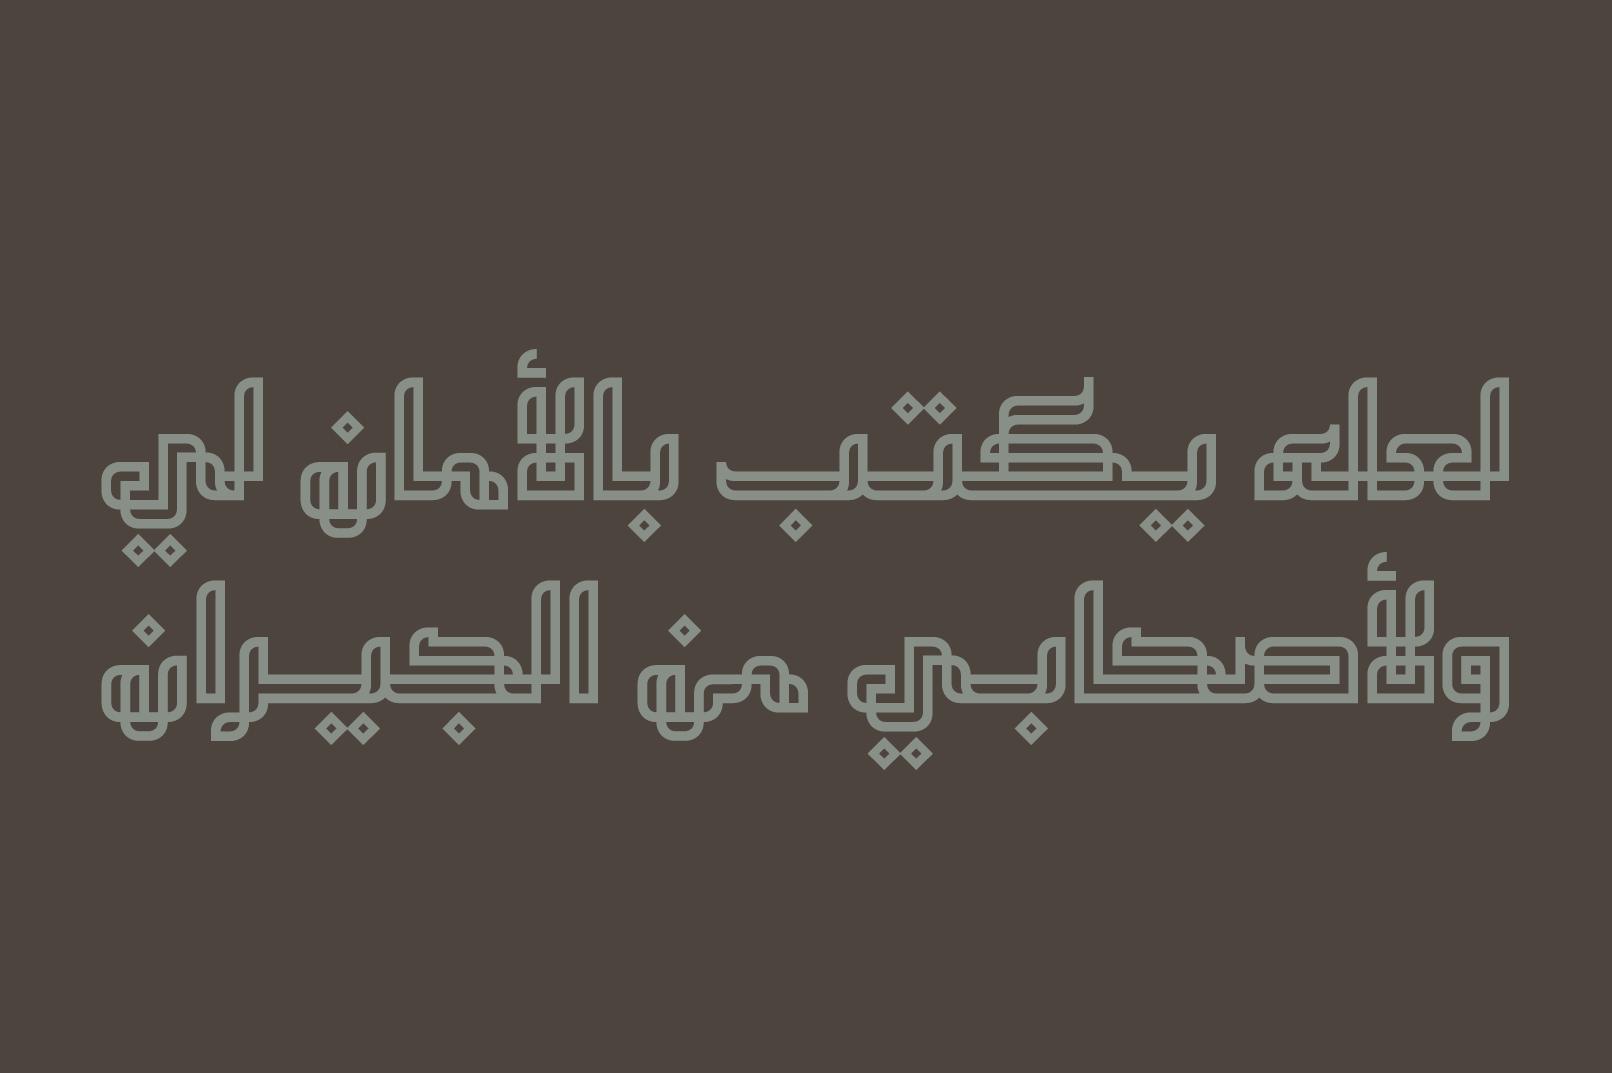 Tashabok - Arabic Font example image 9